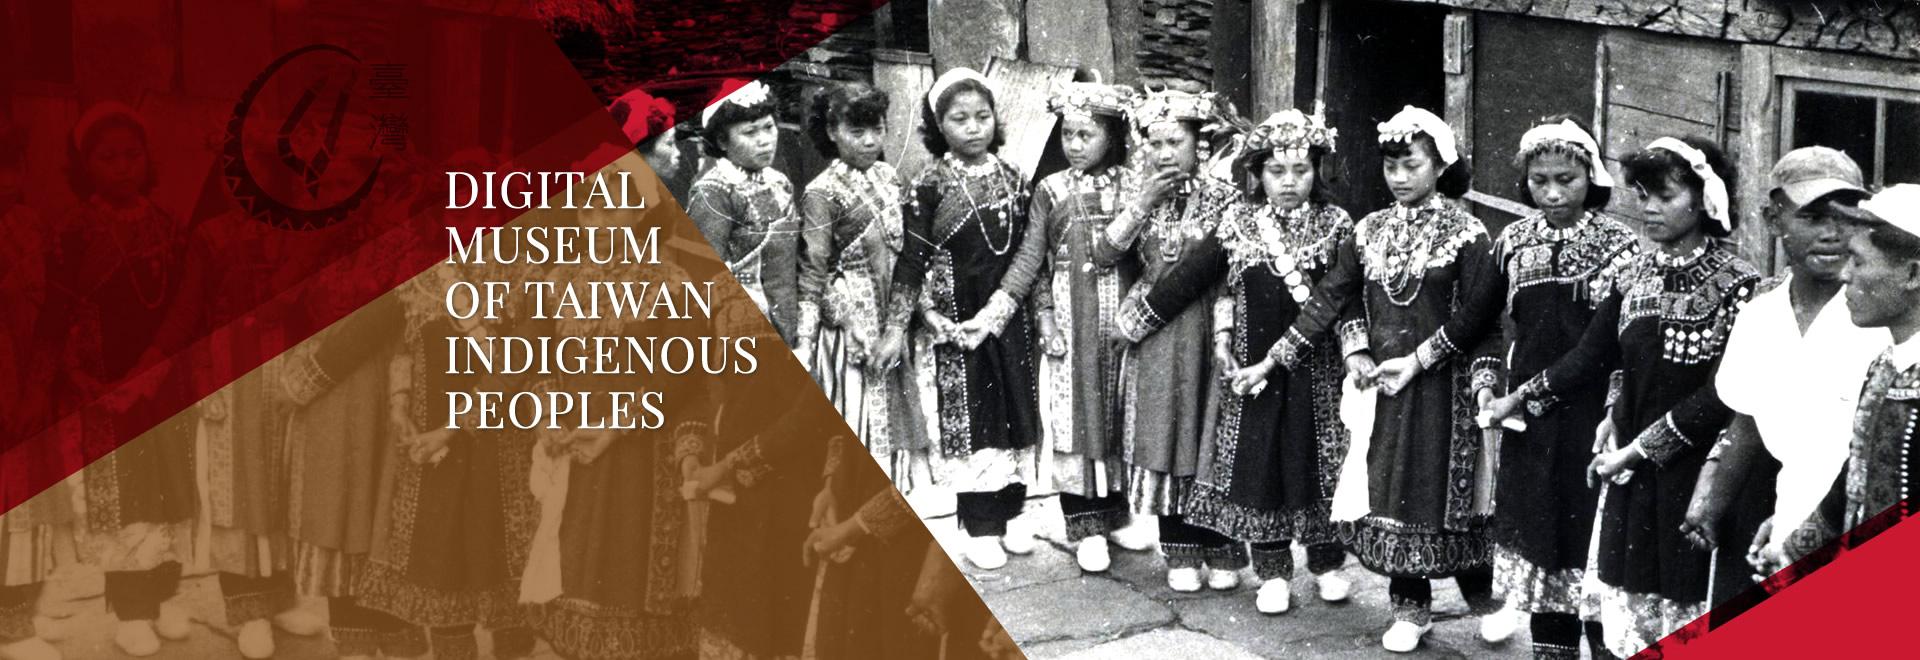 臺灣原住民歷史攝影